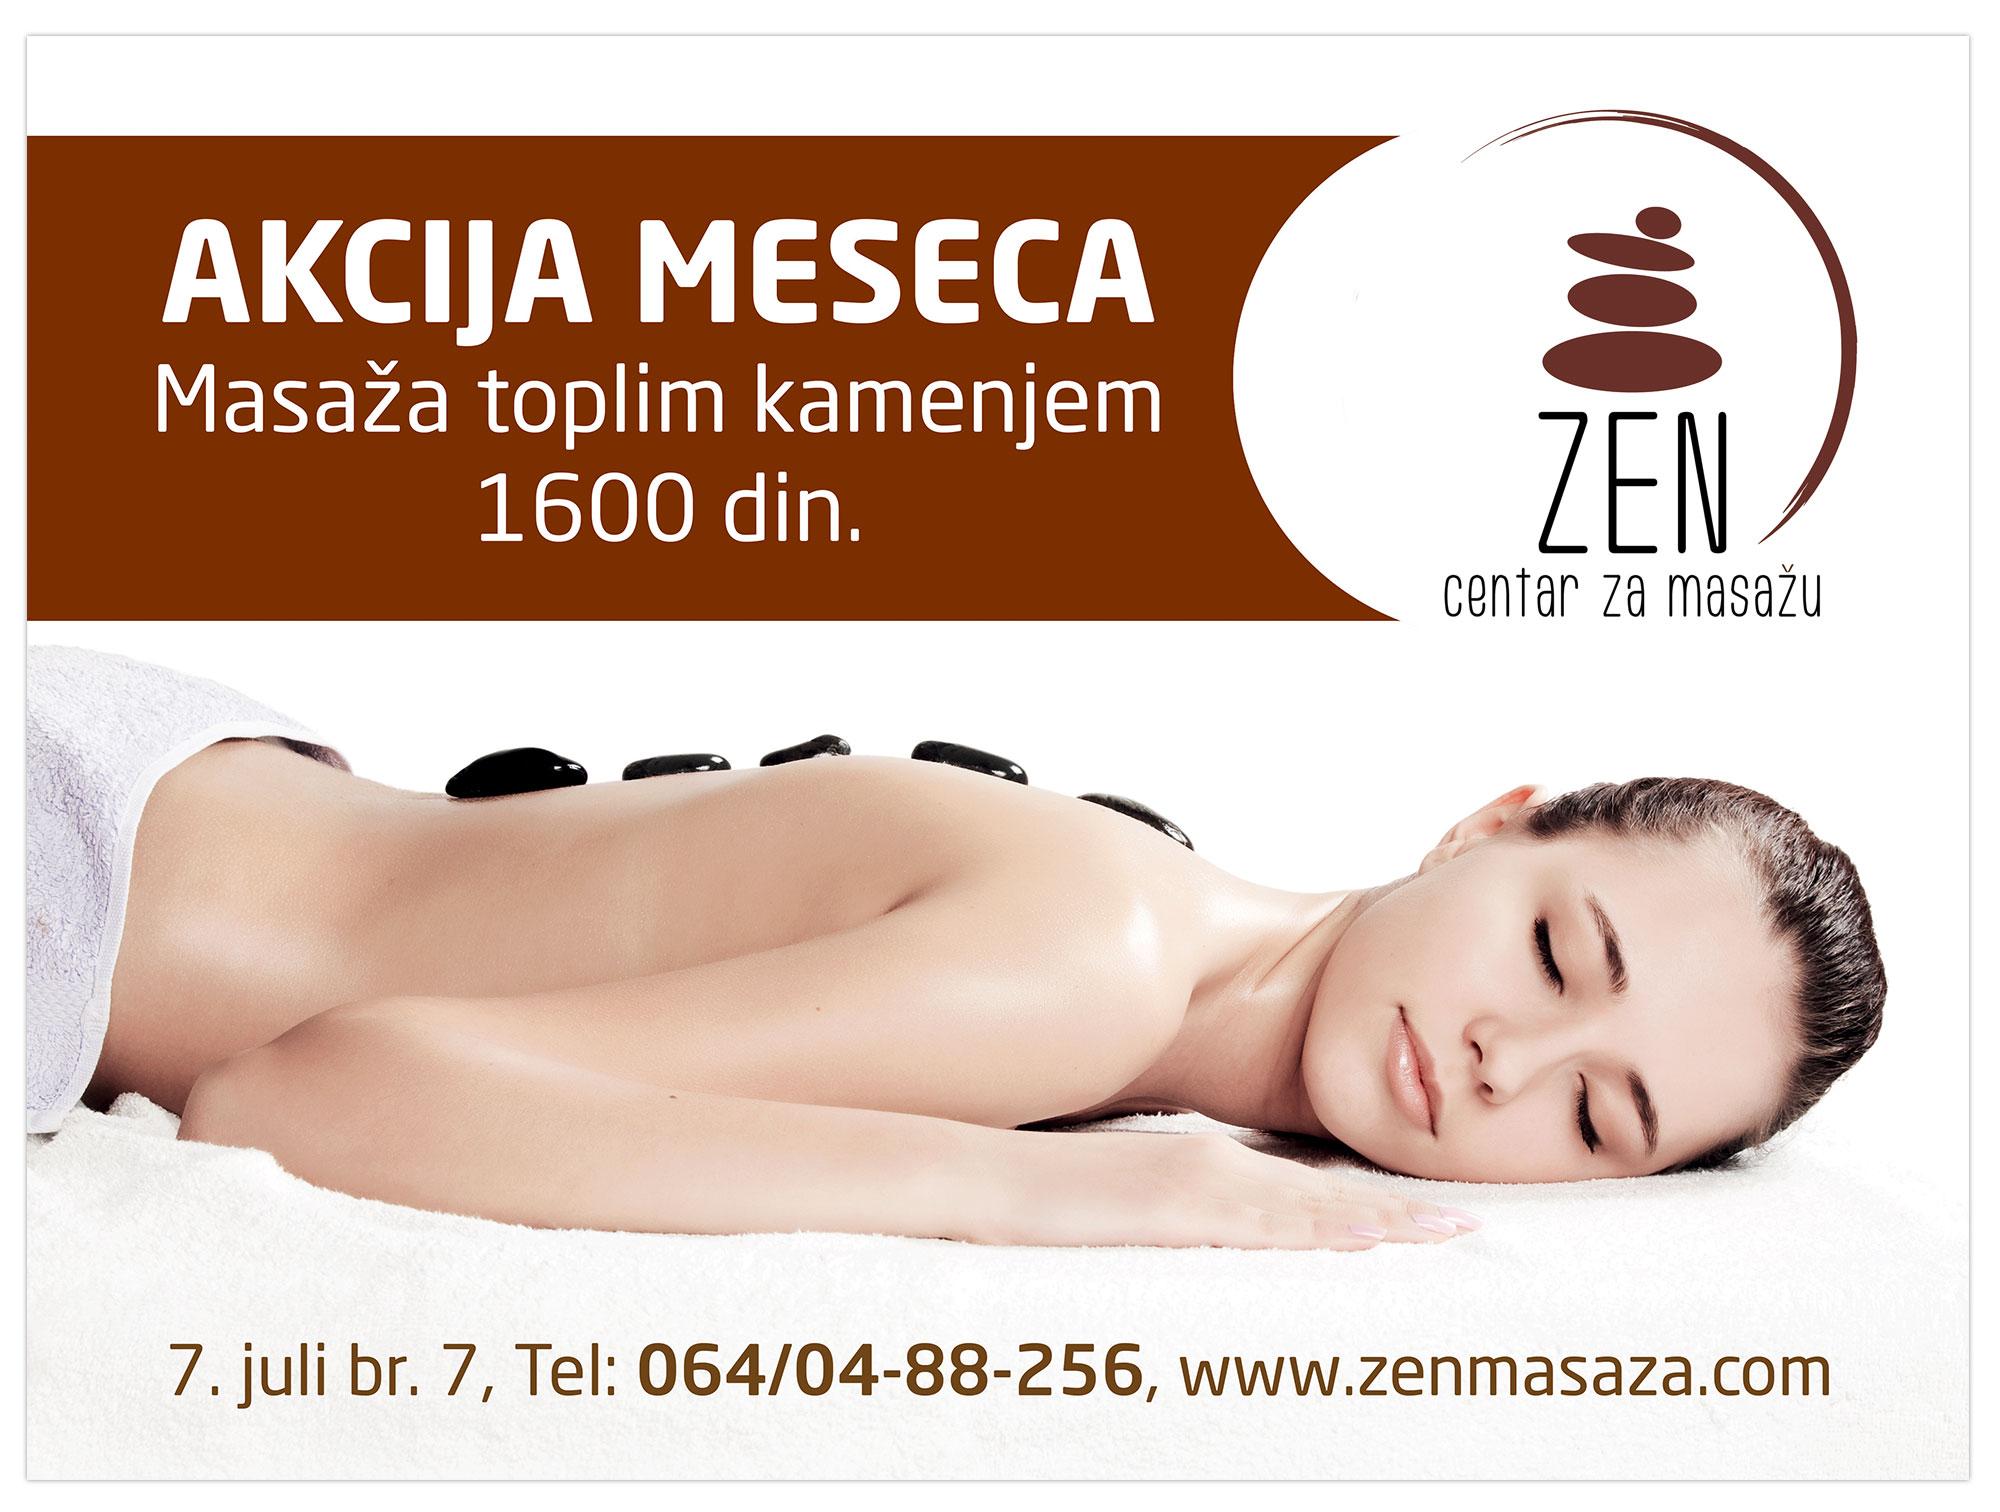 zen poster 3